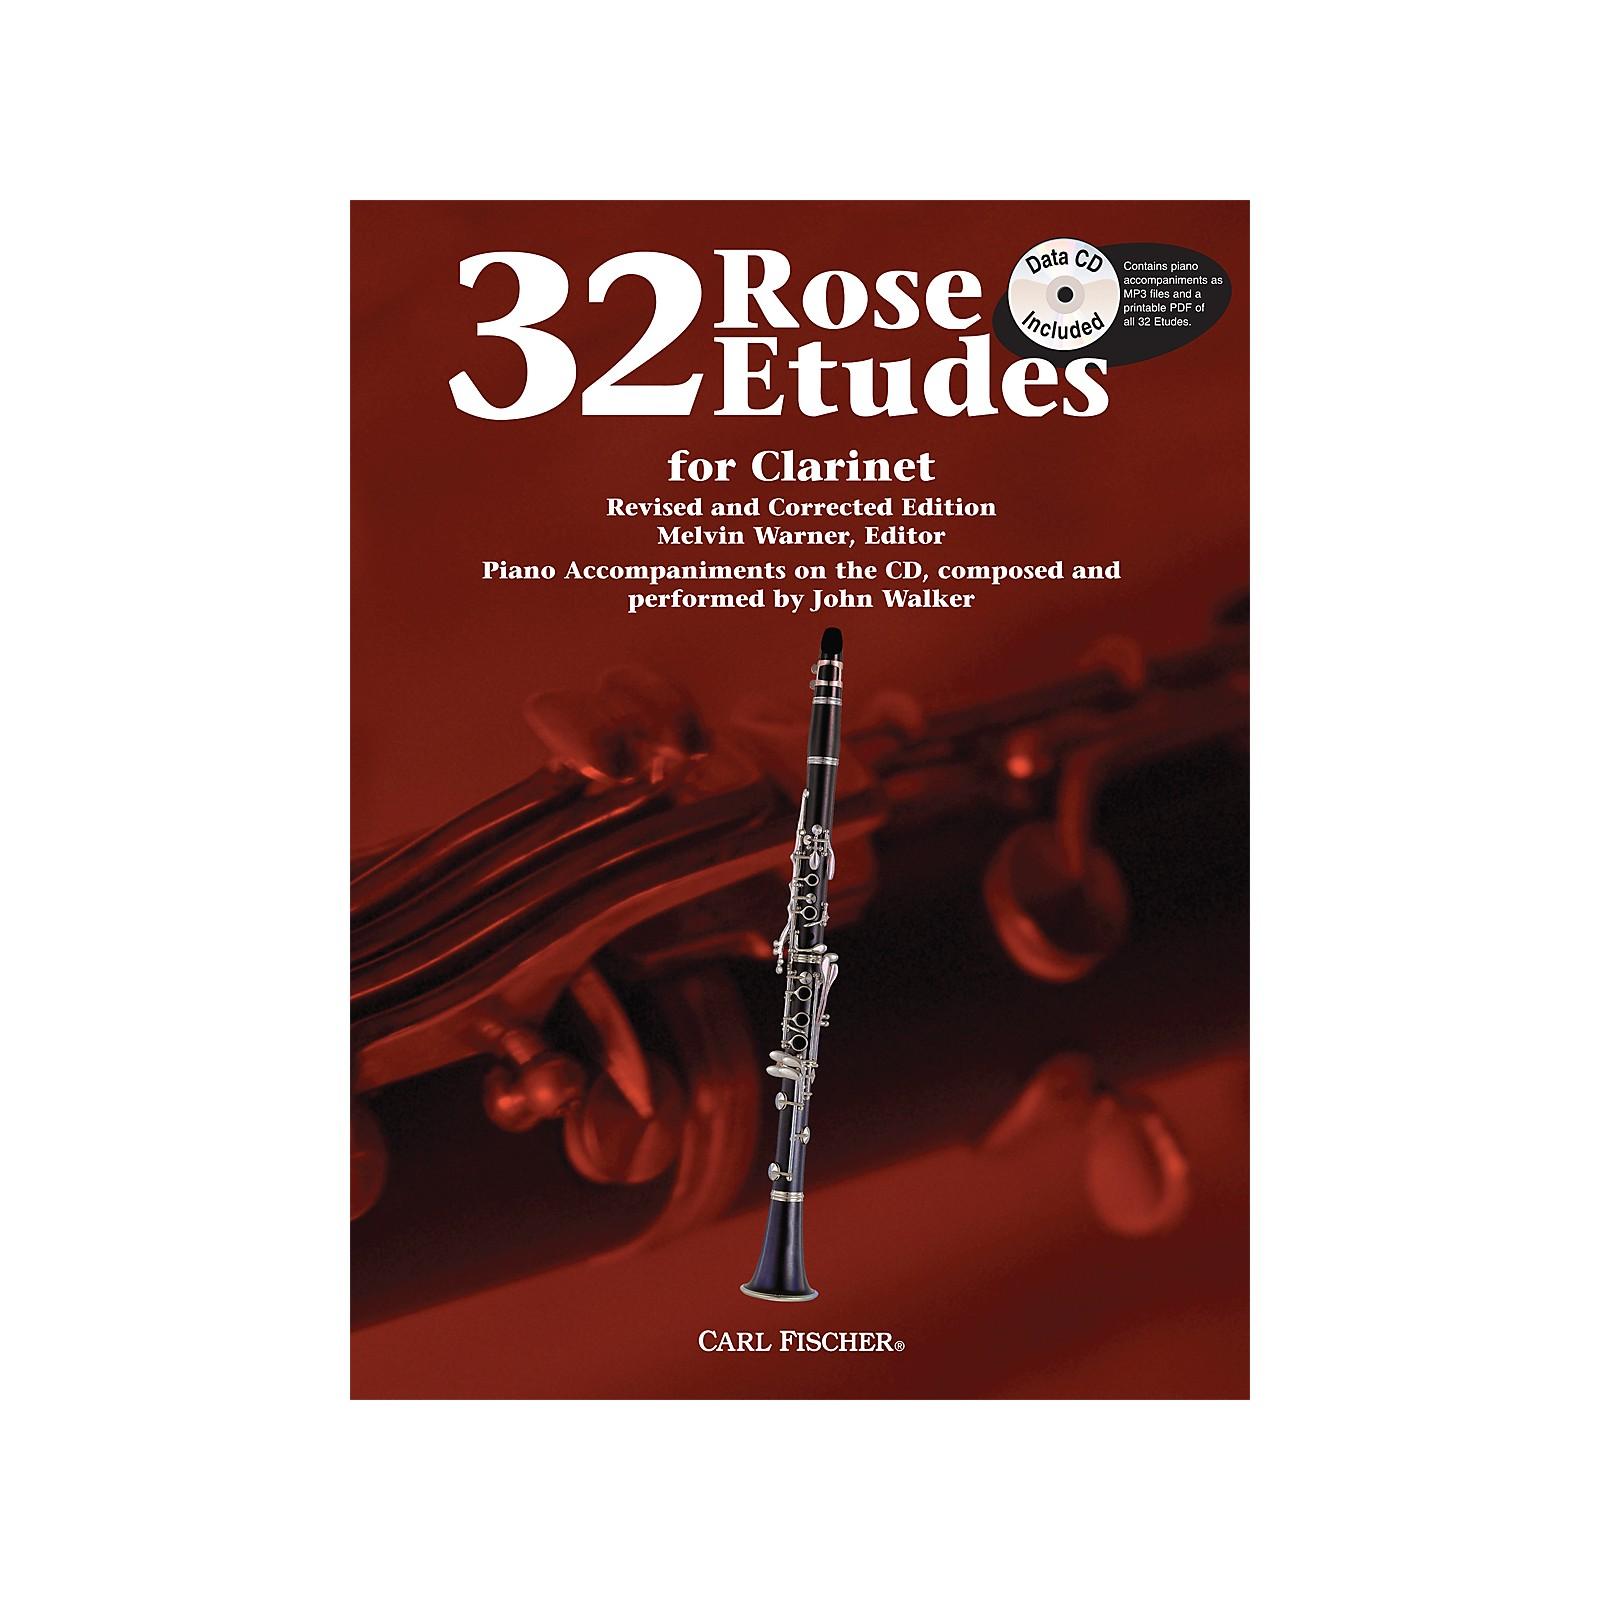 Carl Fischer 32 Rose Etudes for Clarinet